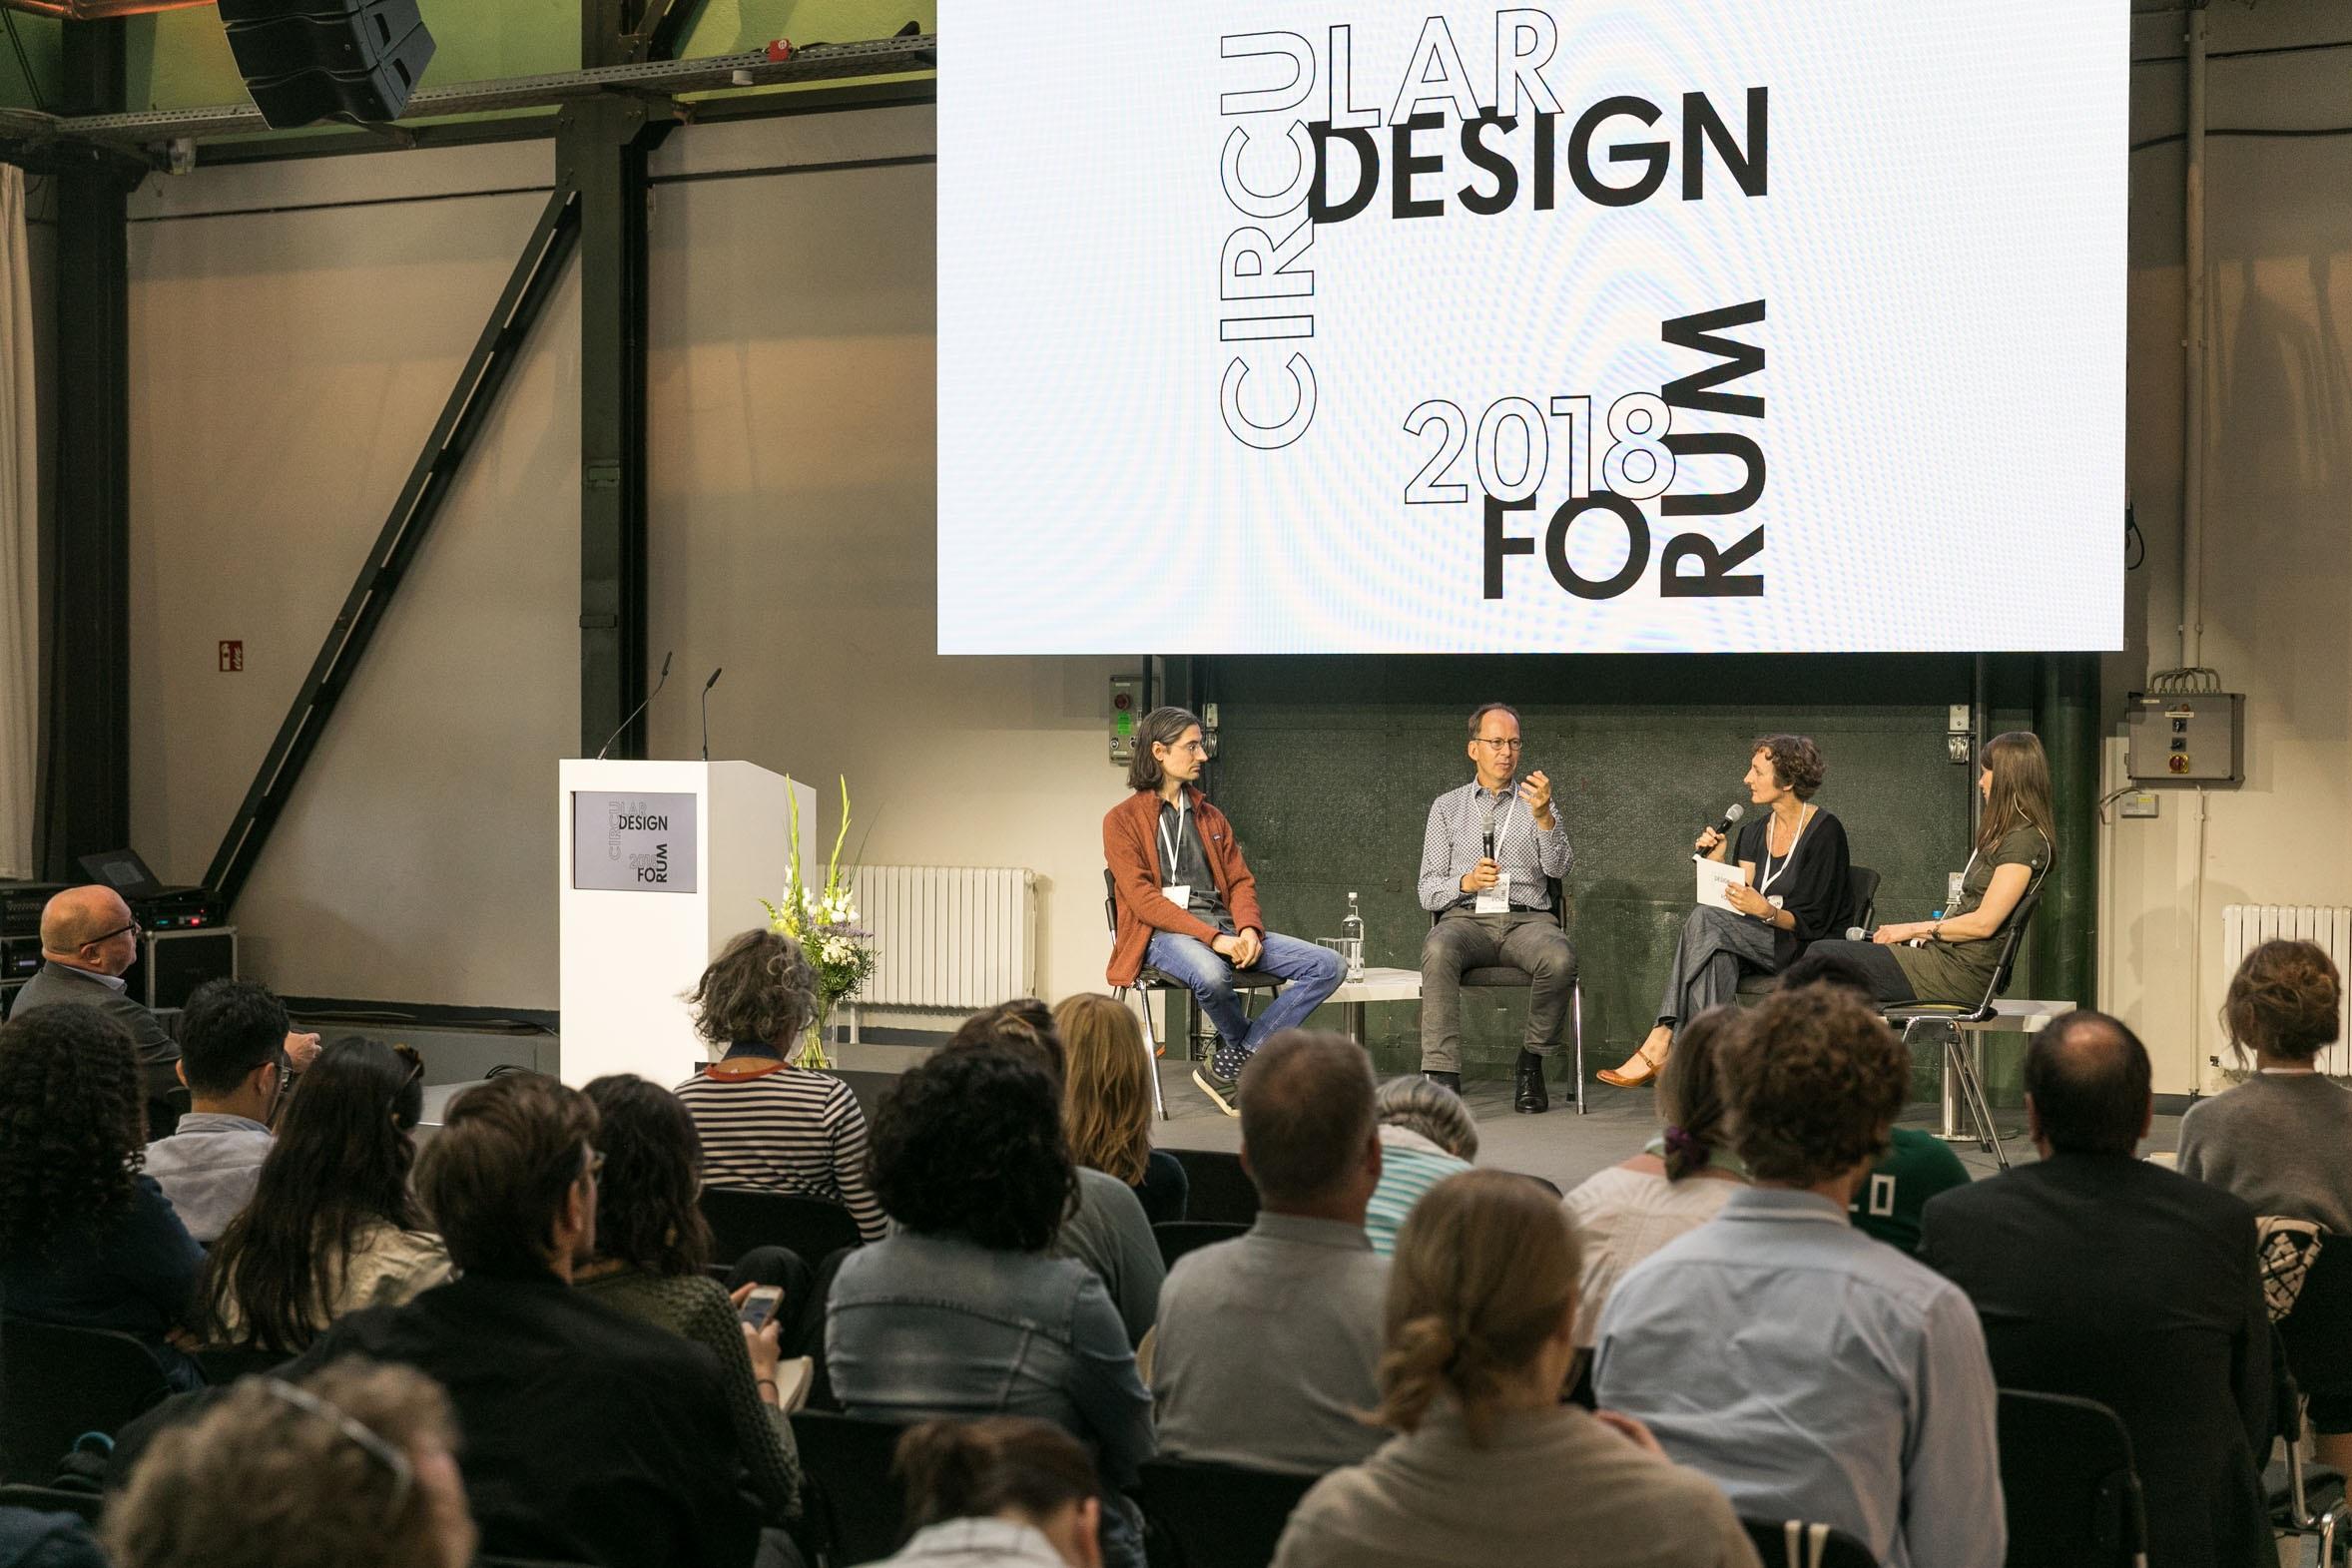 """zwei Männer und zwei Frauen diskutieren mit Mikrofonen in einem Halbkreis sitzend auf einer Bühne vor Publikum, darüber ein Banner mit der Aufschrift """"Circular Design Forum 2018"""""""